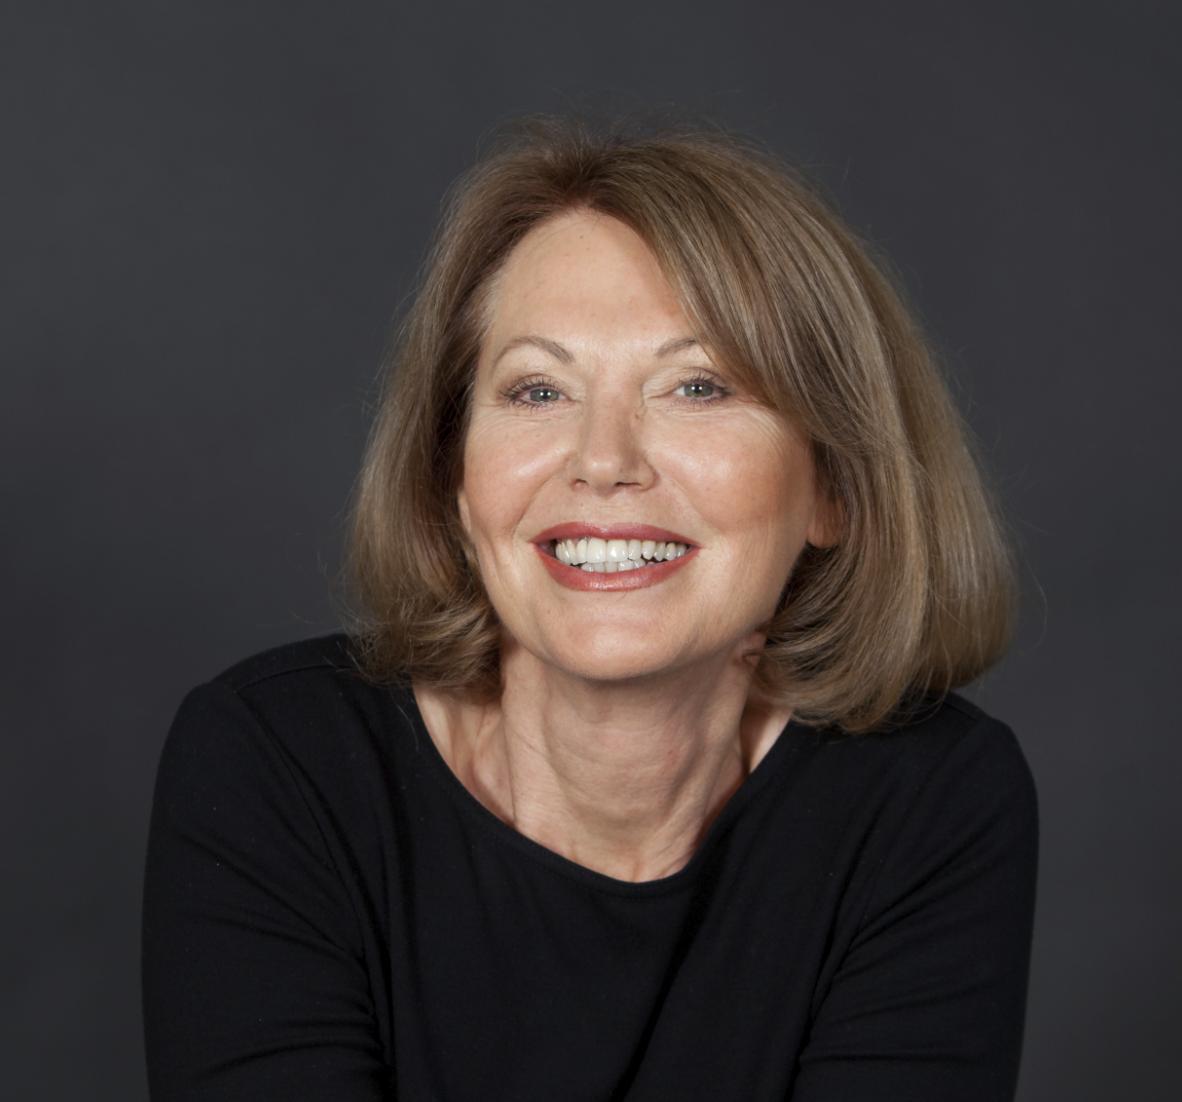 Dr. med. Margrit Lettko